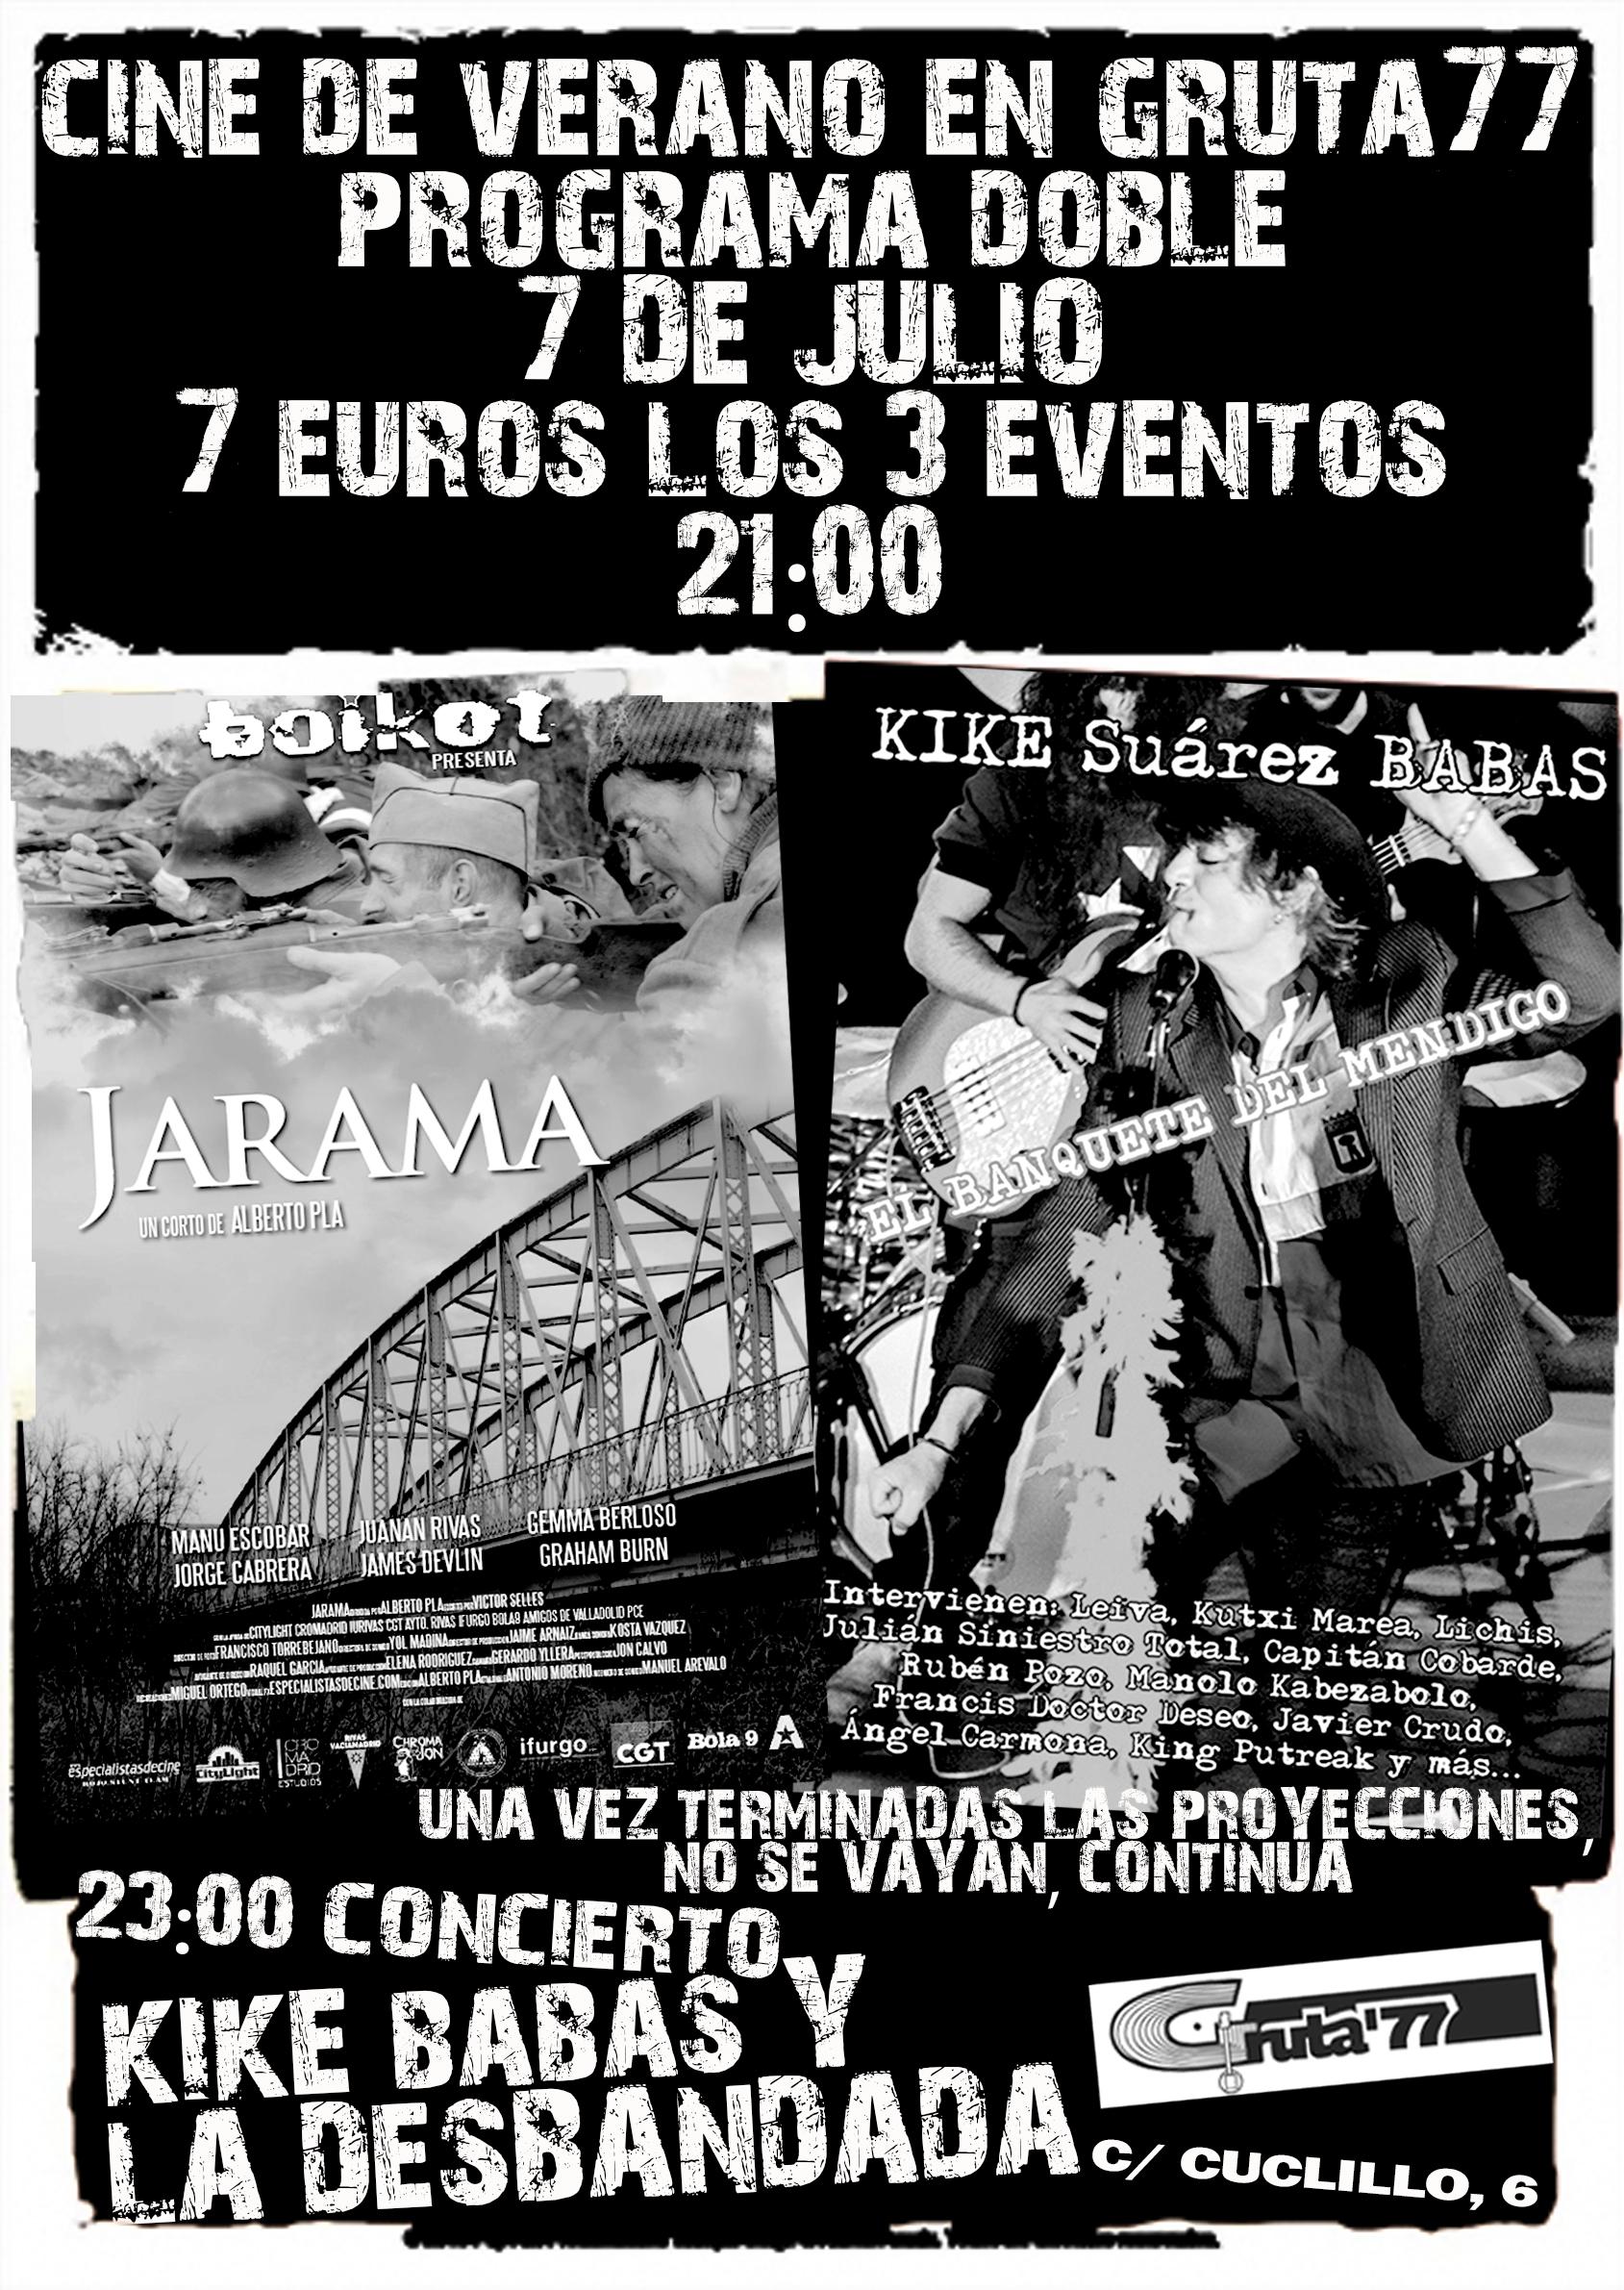 Cartel Gruta 77. 2017